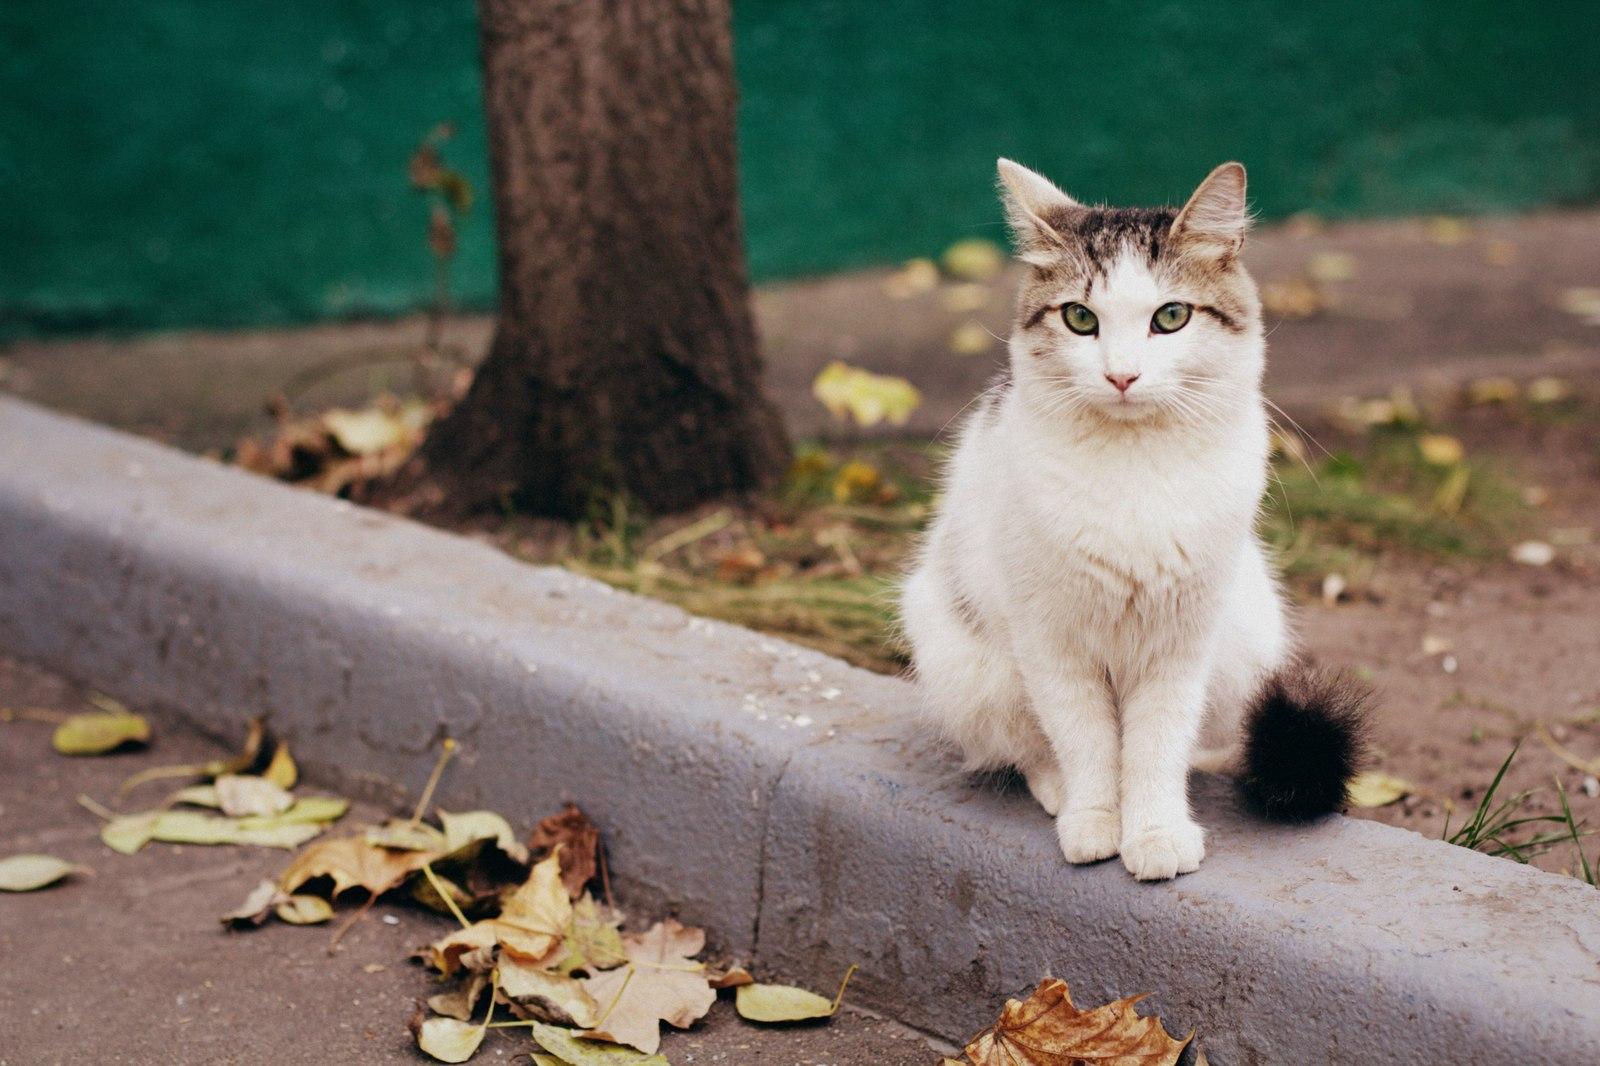 Коты, гуляющие сами по себе, едва ли приручаются, сохраняя свою независимость